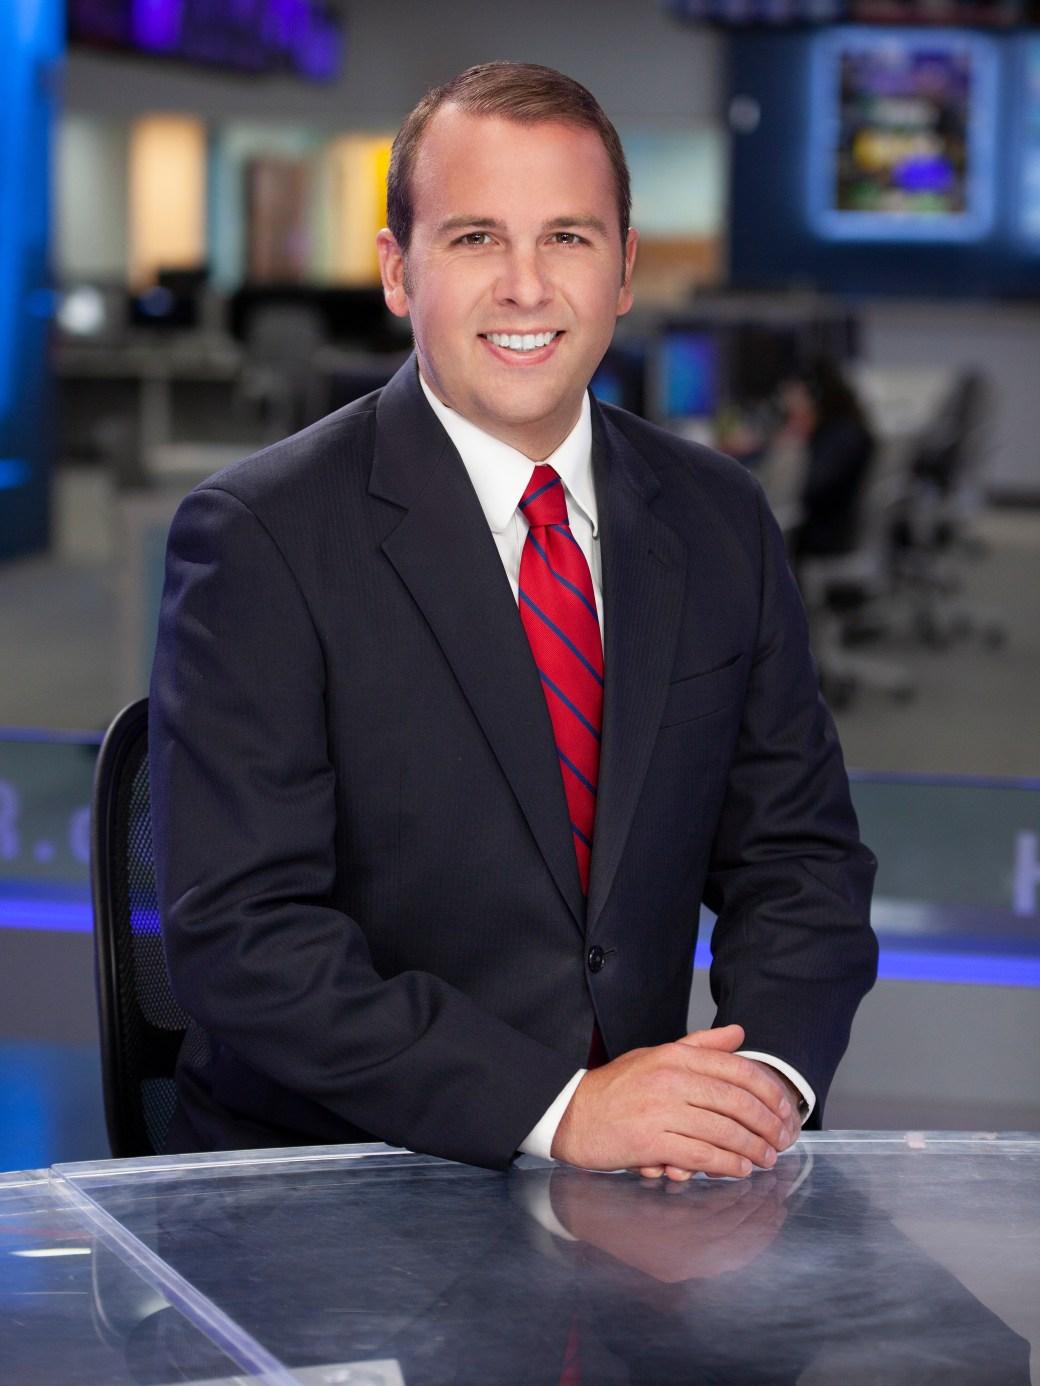 Image of Aaron Brackett